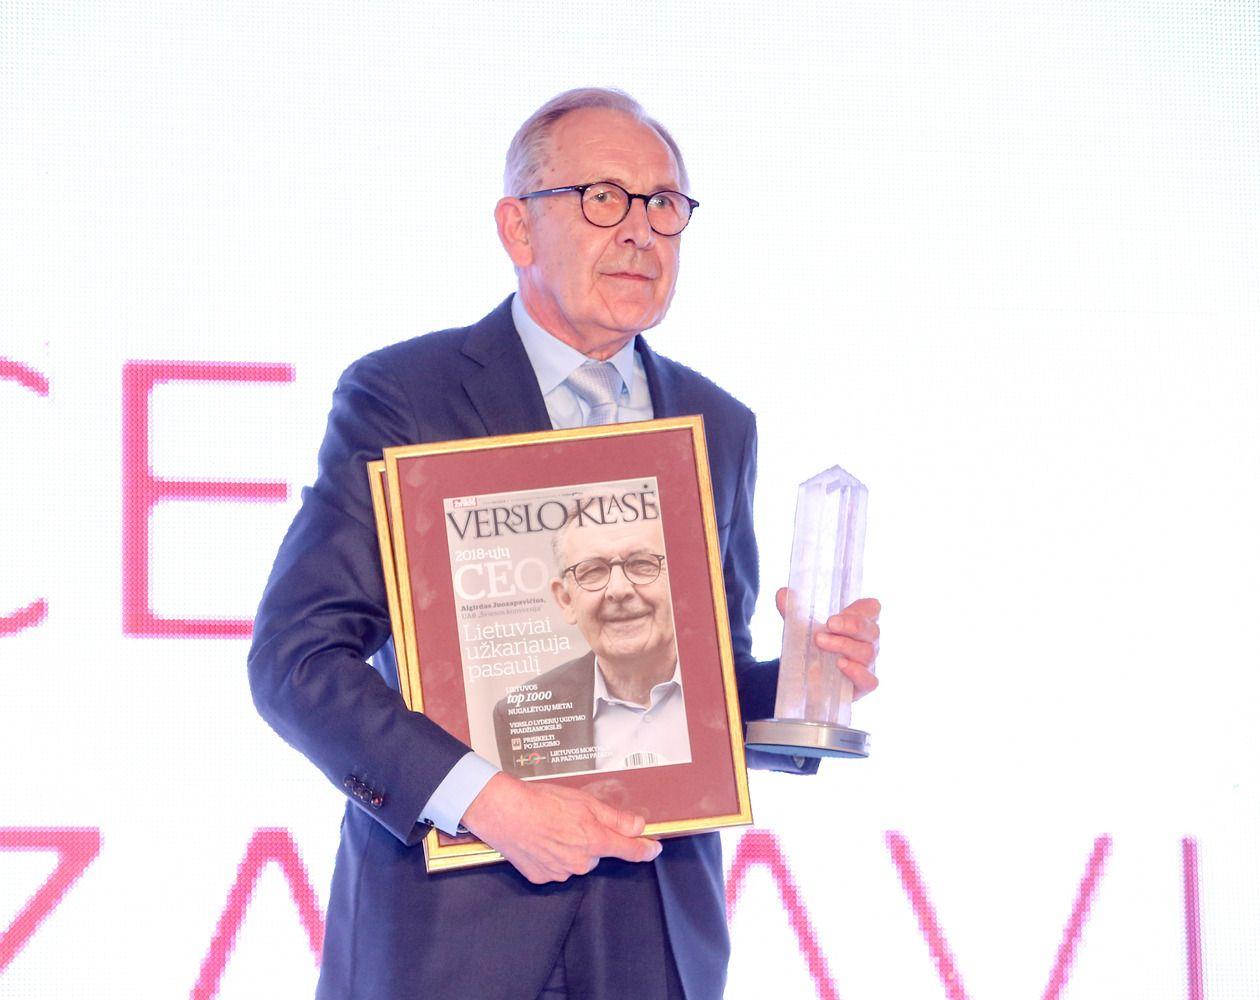 VŽ Metų CEO Juozapavičius: vadovui turi rūpėti, kad darbuotojai būtų laimingi